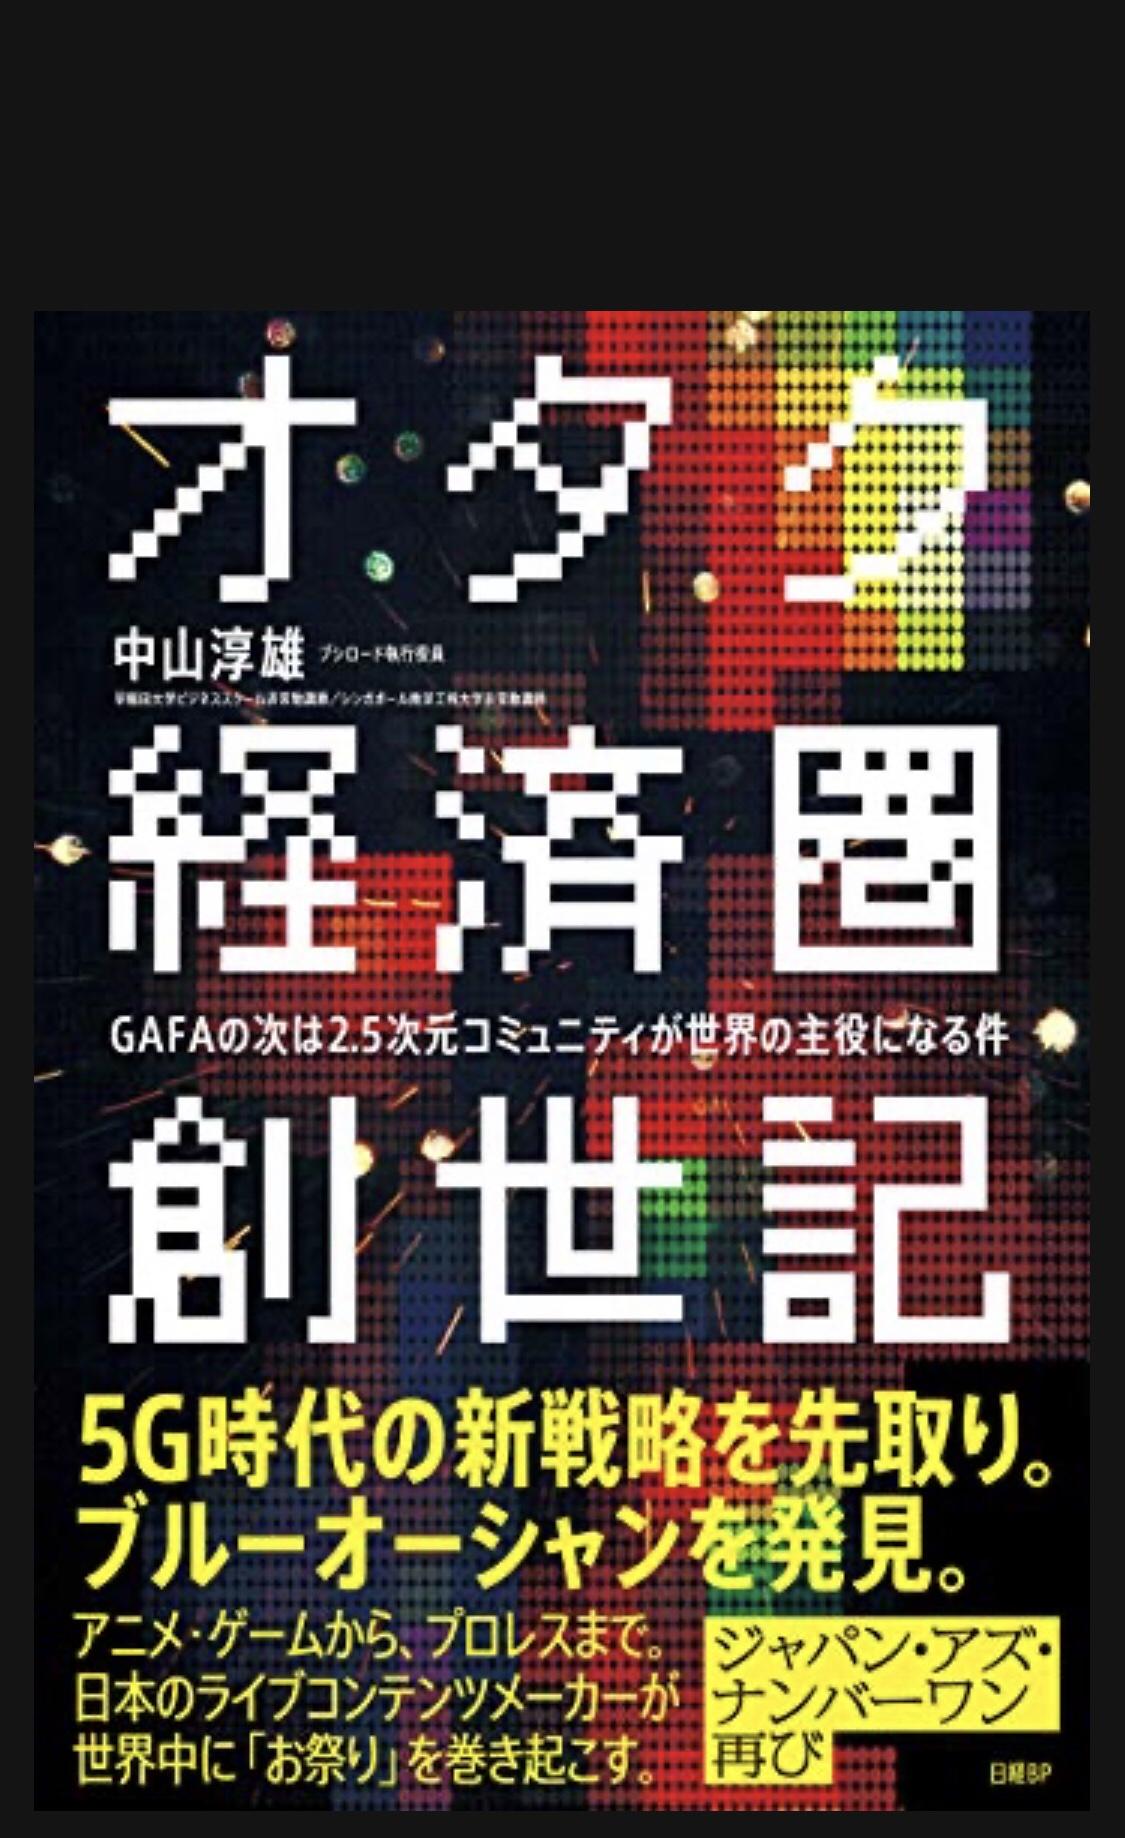 <書籍を知る>『オタク経済圏創世記 』中山淳雄